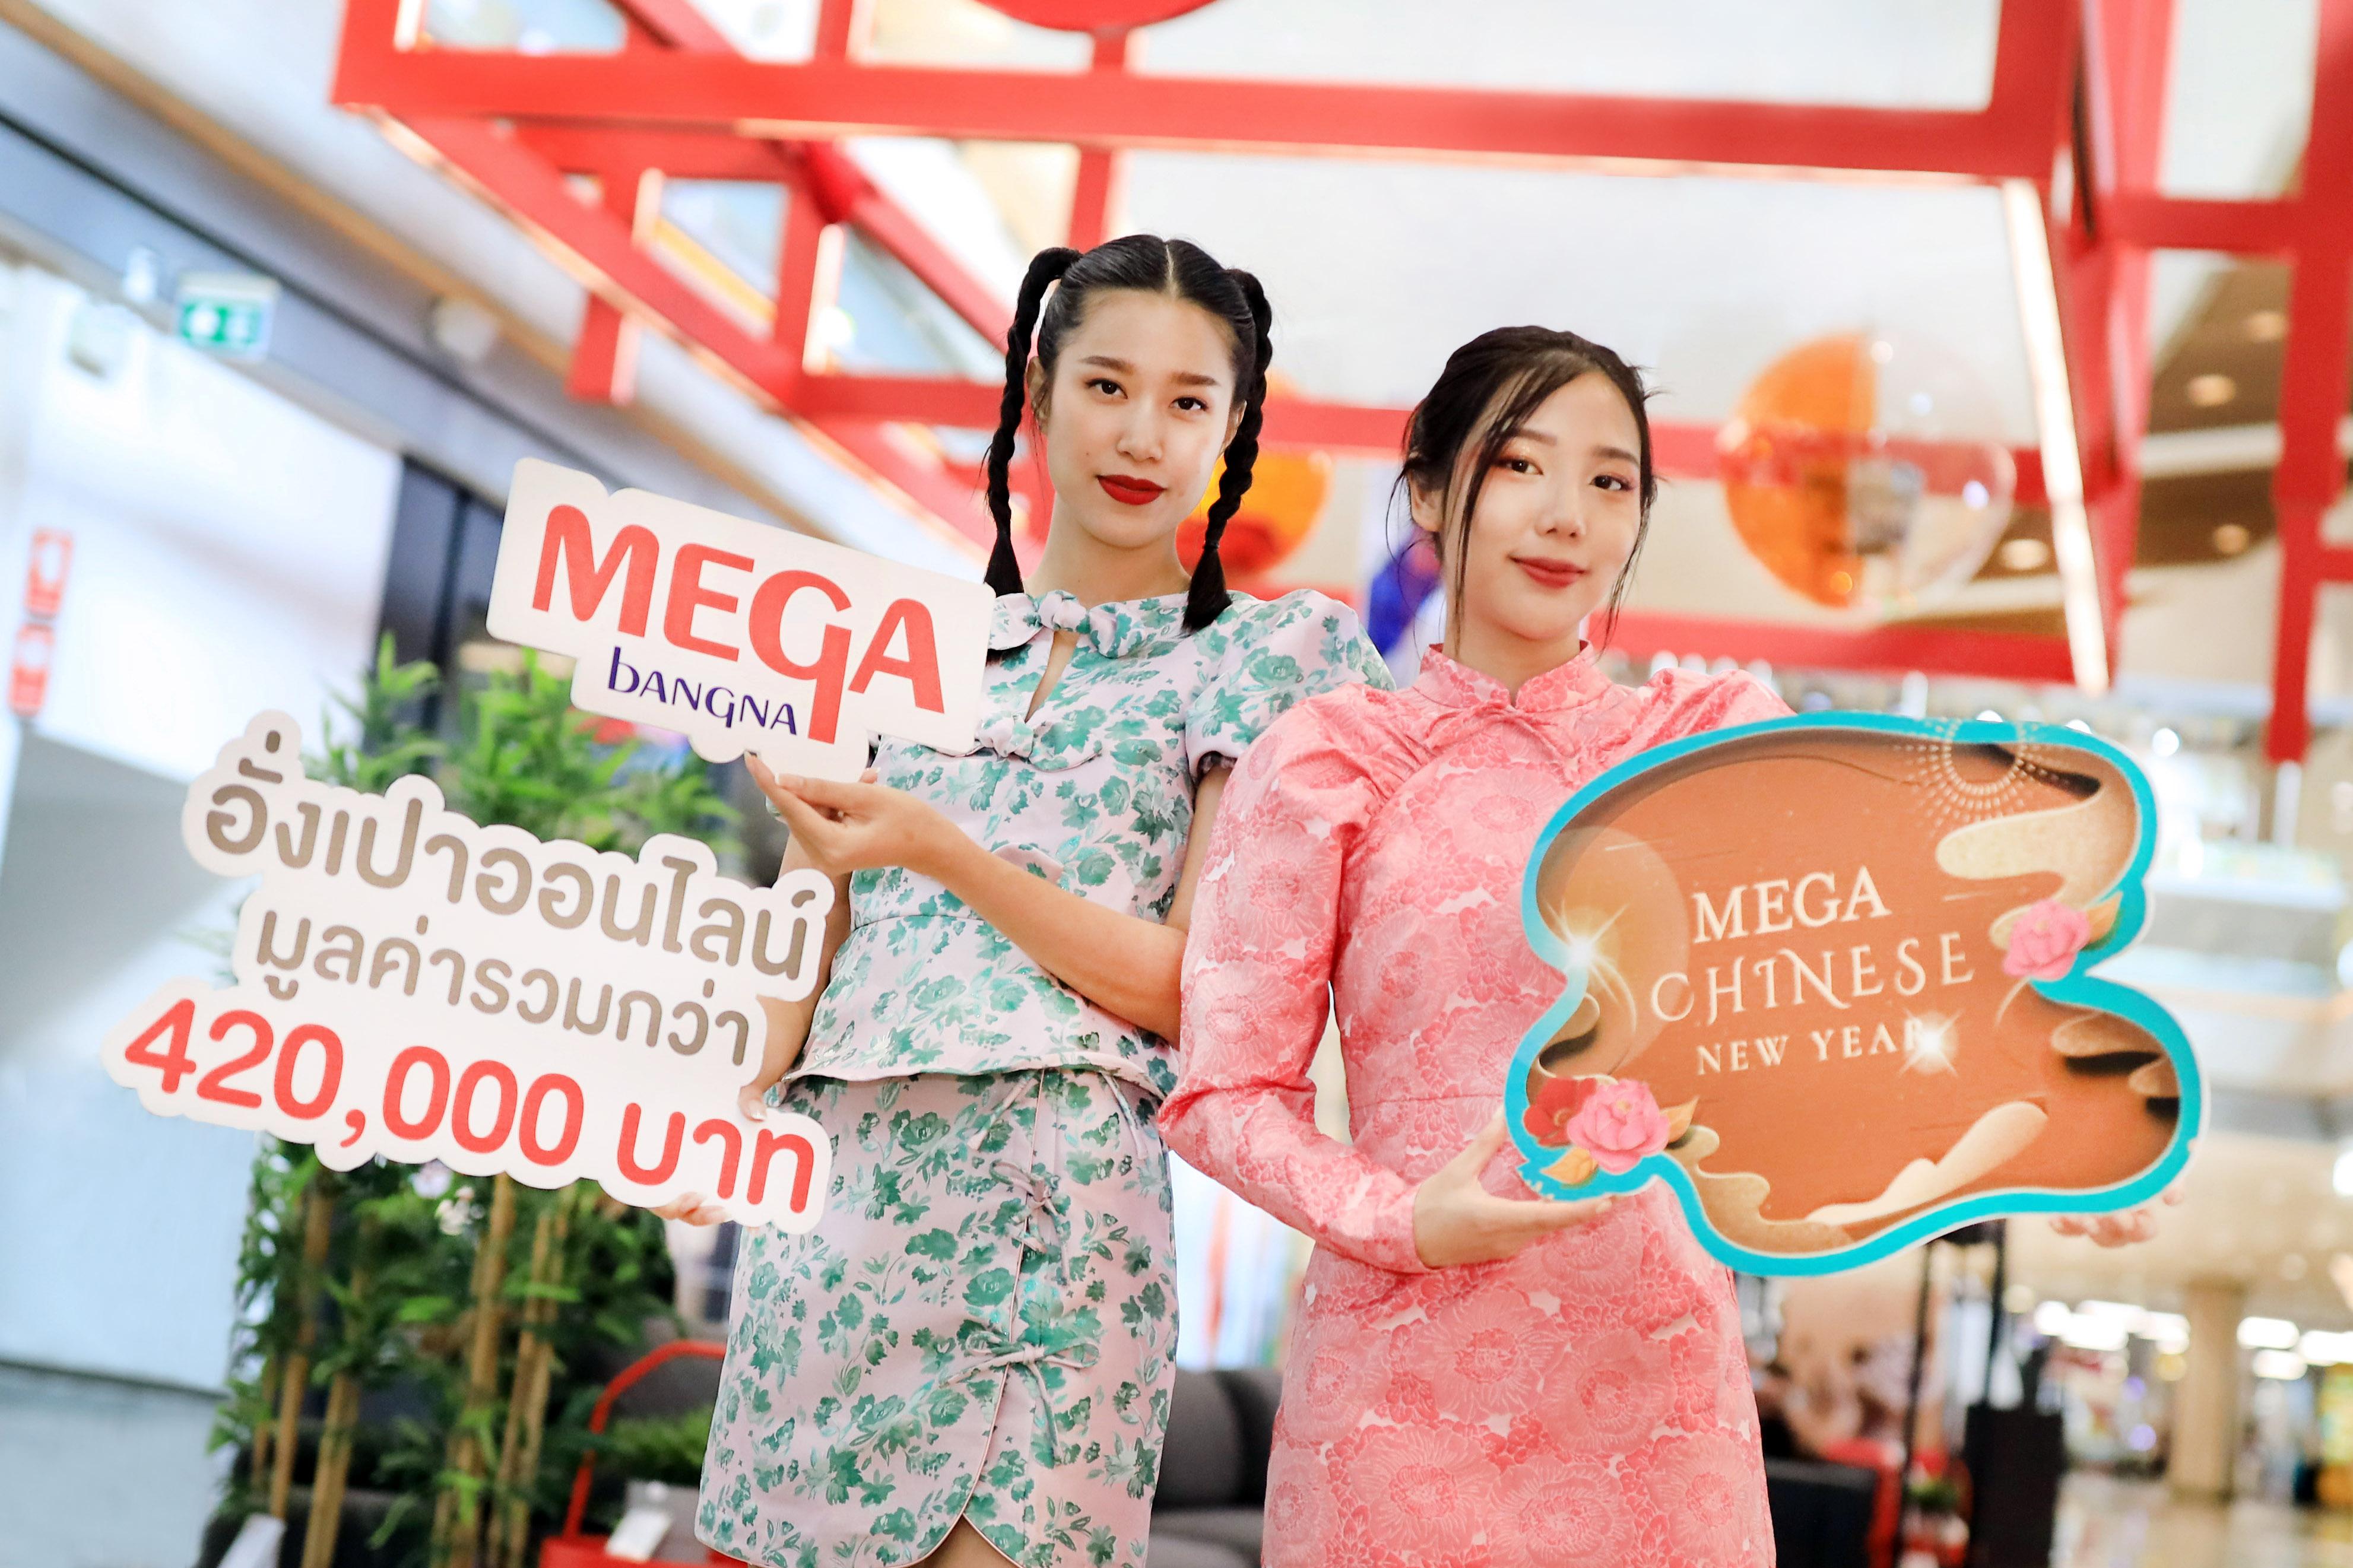 """เมกาบางนา ร่วมฉลองเทศกาลตรุษจีน ช้อปสนุกสุดคุ้มทั้งศูนย์ฯ ในแคมเปญ """"เมกา ไชนีส นิวเยียร์ 2021"""" แลกรับอั่งเปาออนไลน์มูลค่ารวมกว่า 420,000 บาท"""